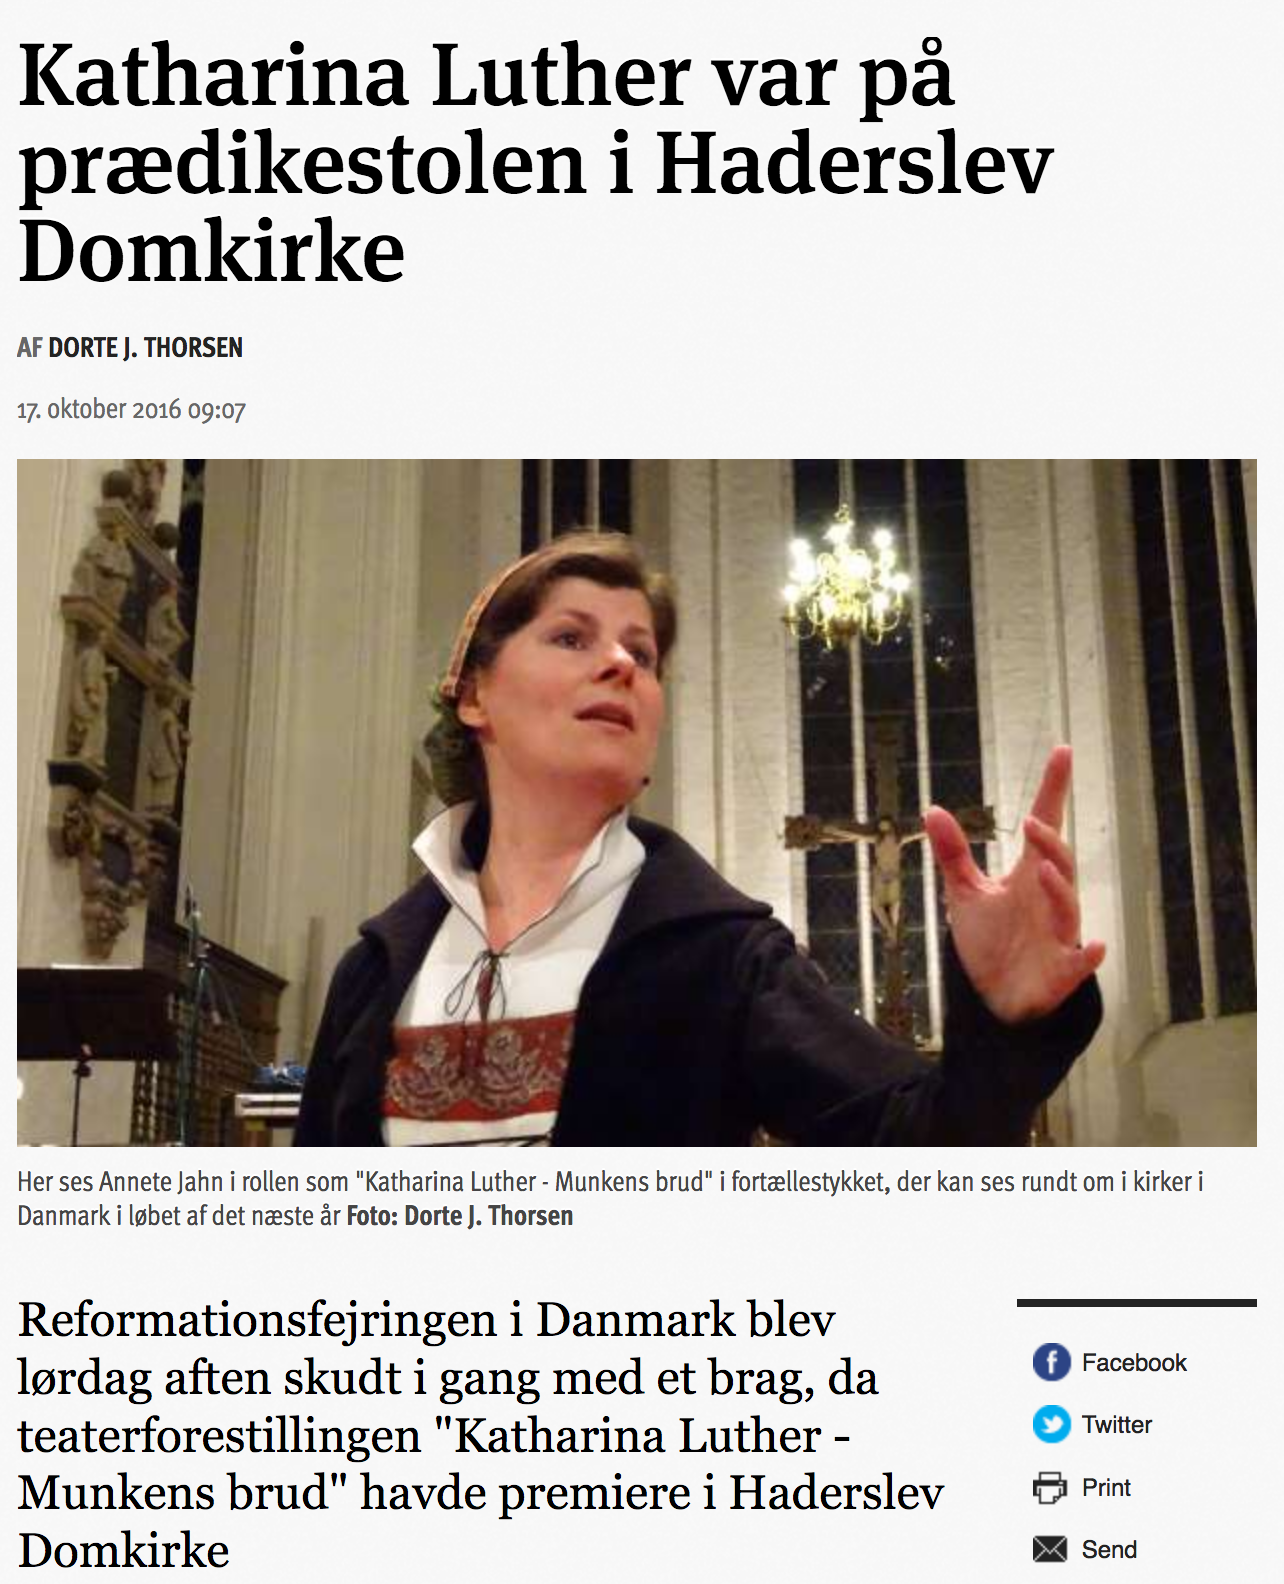 Anmeldelse fra Kristligt Dagblad